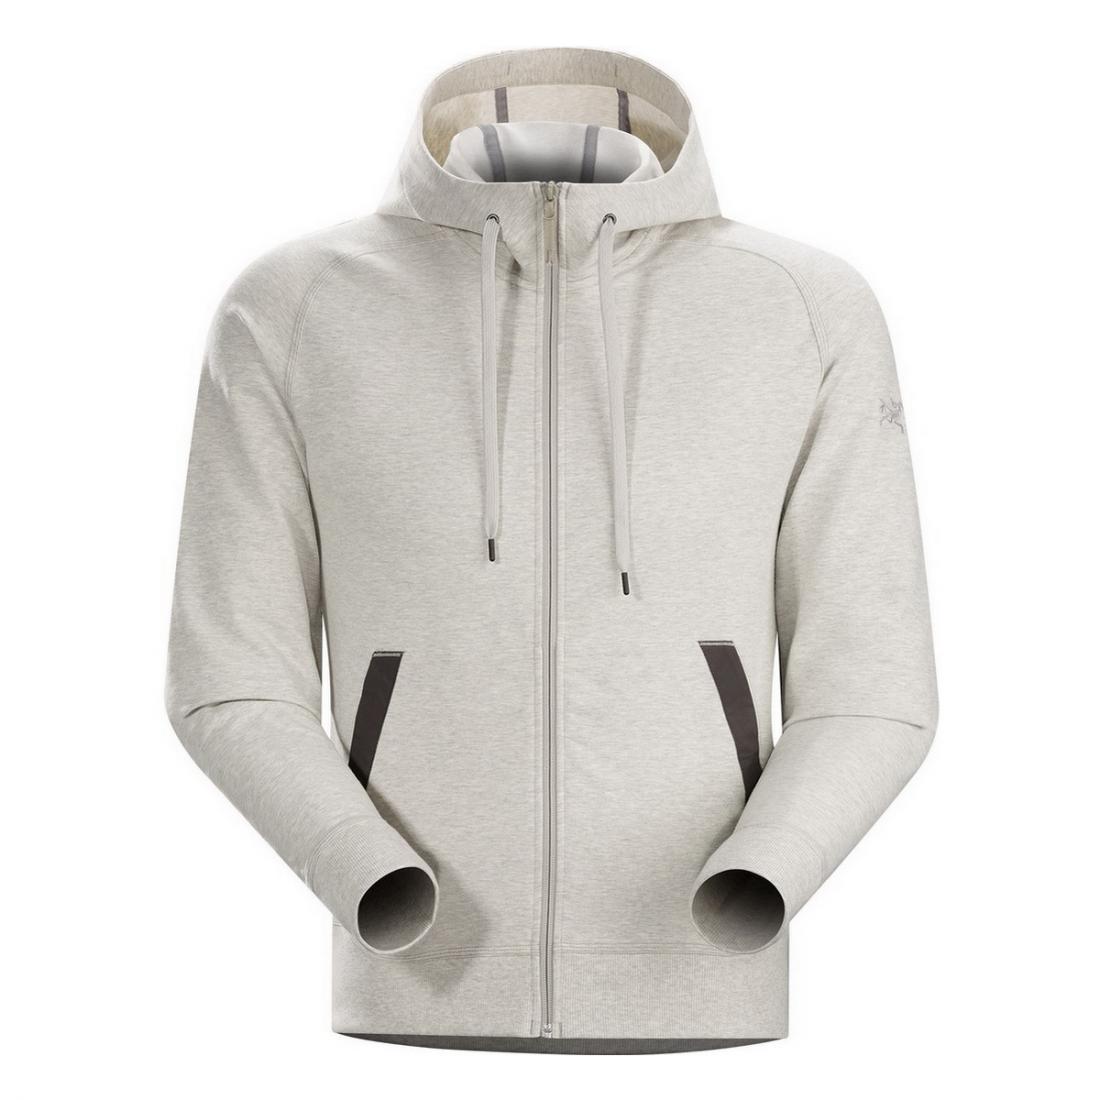 Куртка Prost Hoody муж.Куртки<br><br><br>Цвет: Серый<br>Размер: L